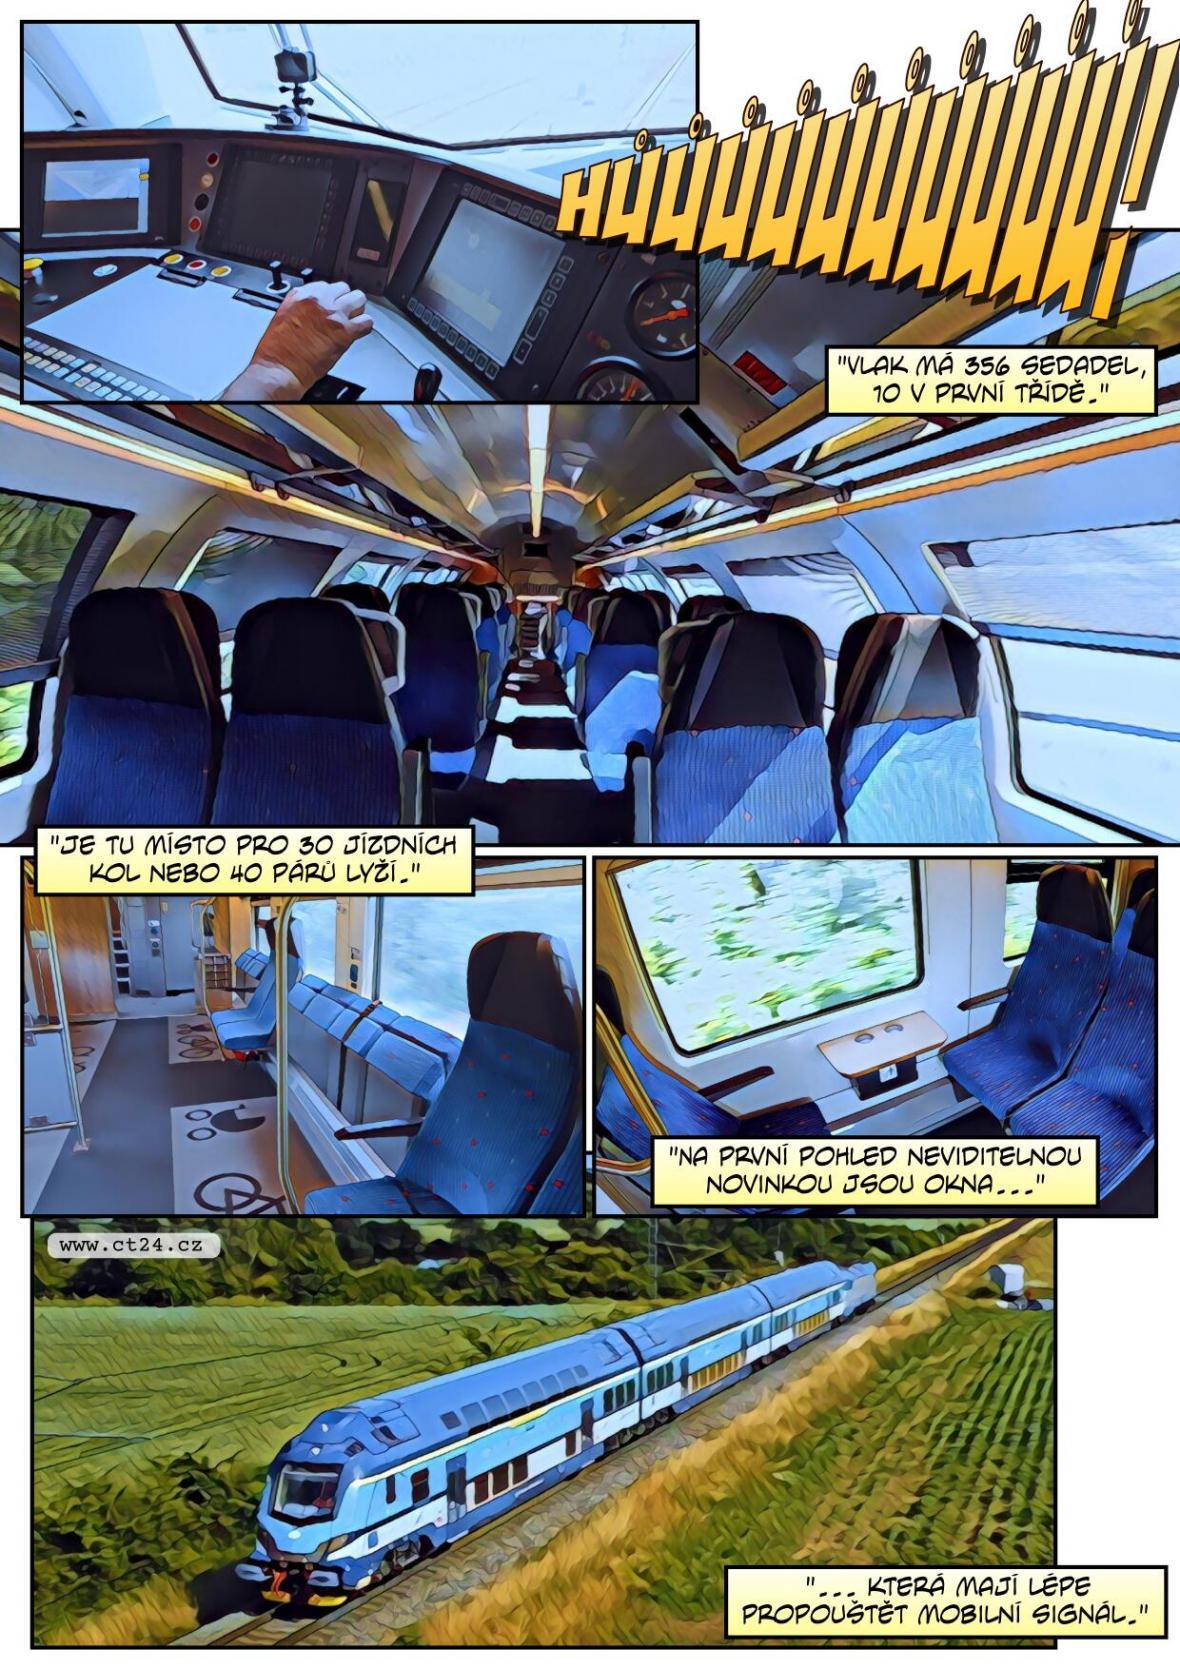 Nové dvoupatrové vlaky přinesou větší pohodlí